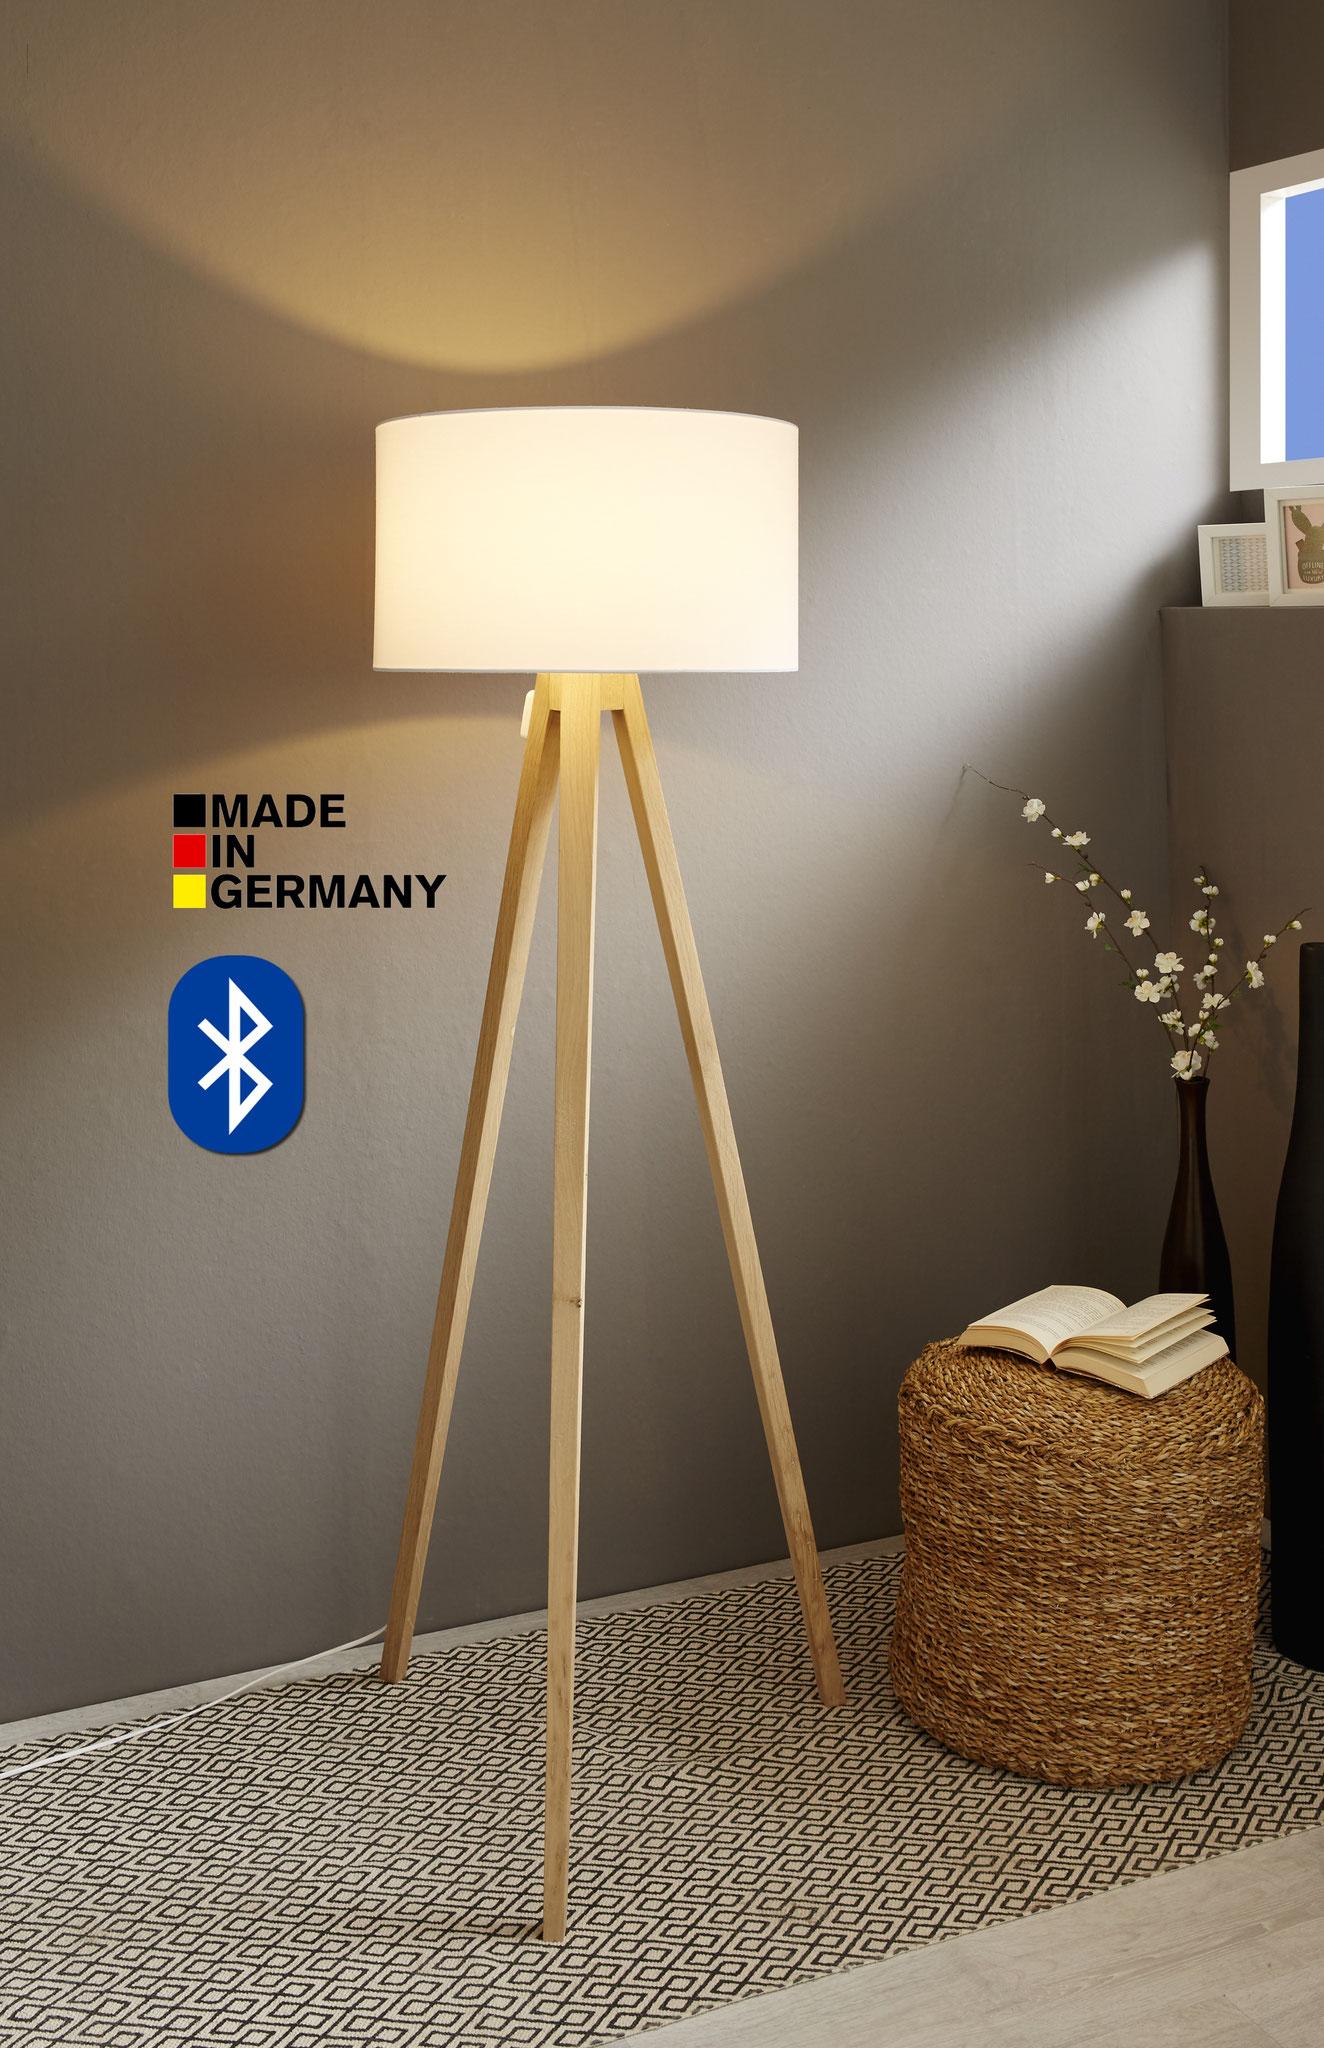 Full Size of Stehlampe Eiche Küche Bett Massiv 180x200 Esstisch Hotels In Bad Reichenhall Pension Stehlampen Wohnzimmer Regal Wildeiche Bodengleiche Duschen Ferienwohnung Wohnzimmer Stehlampe Eiche